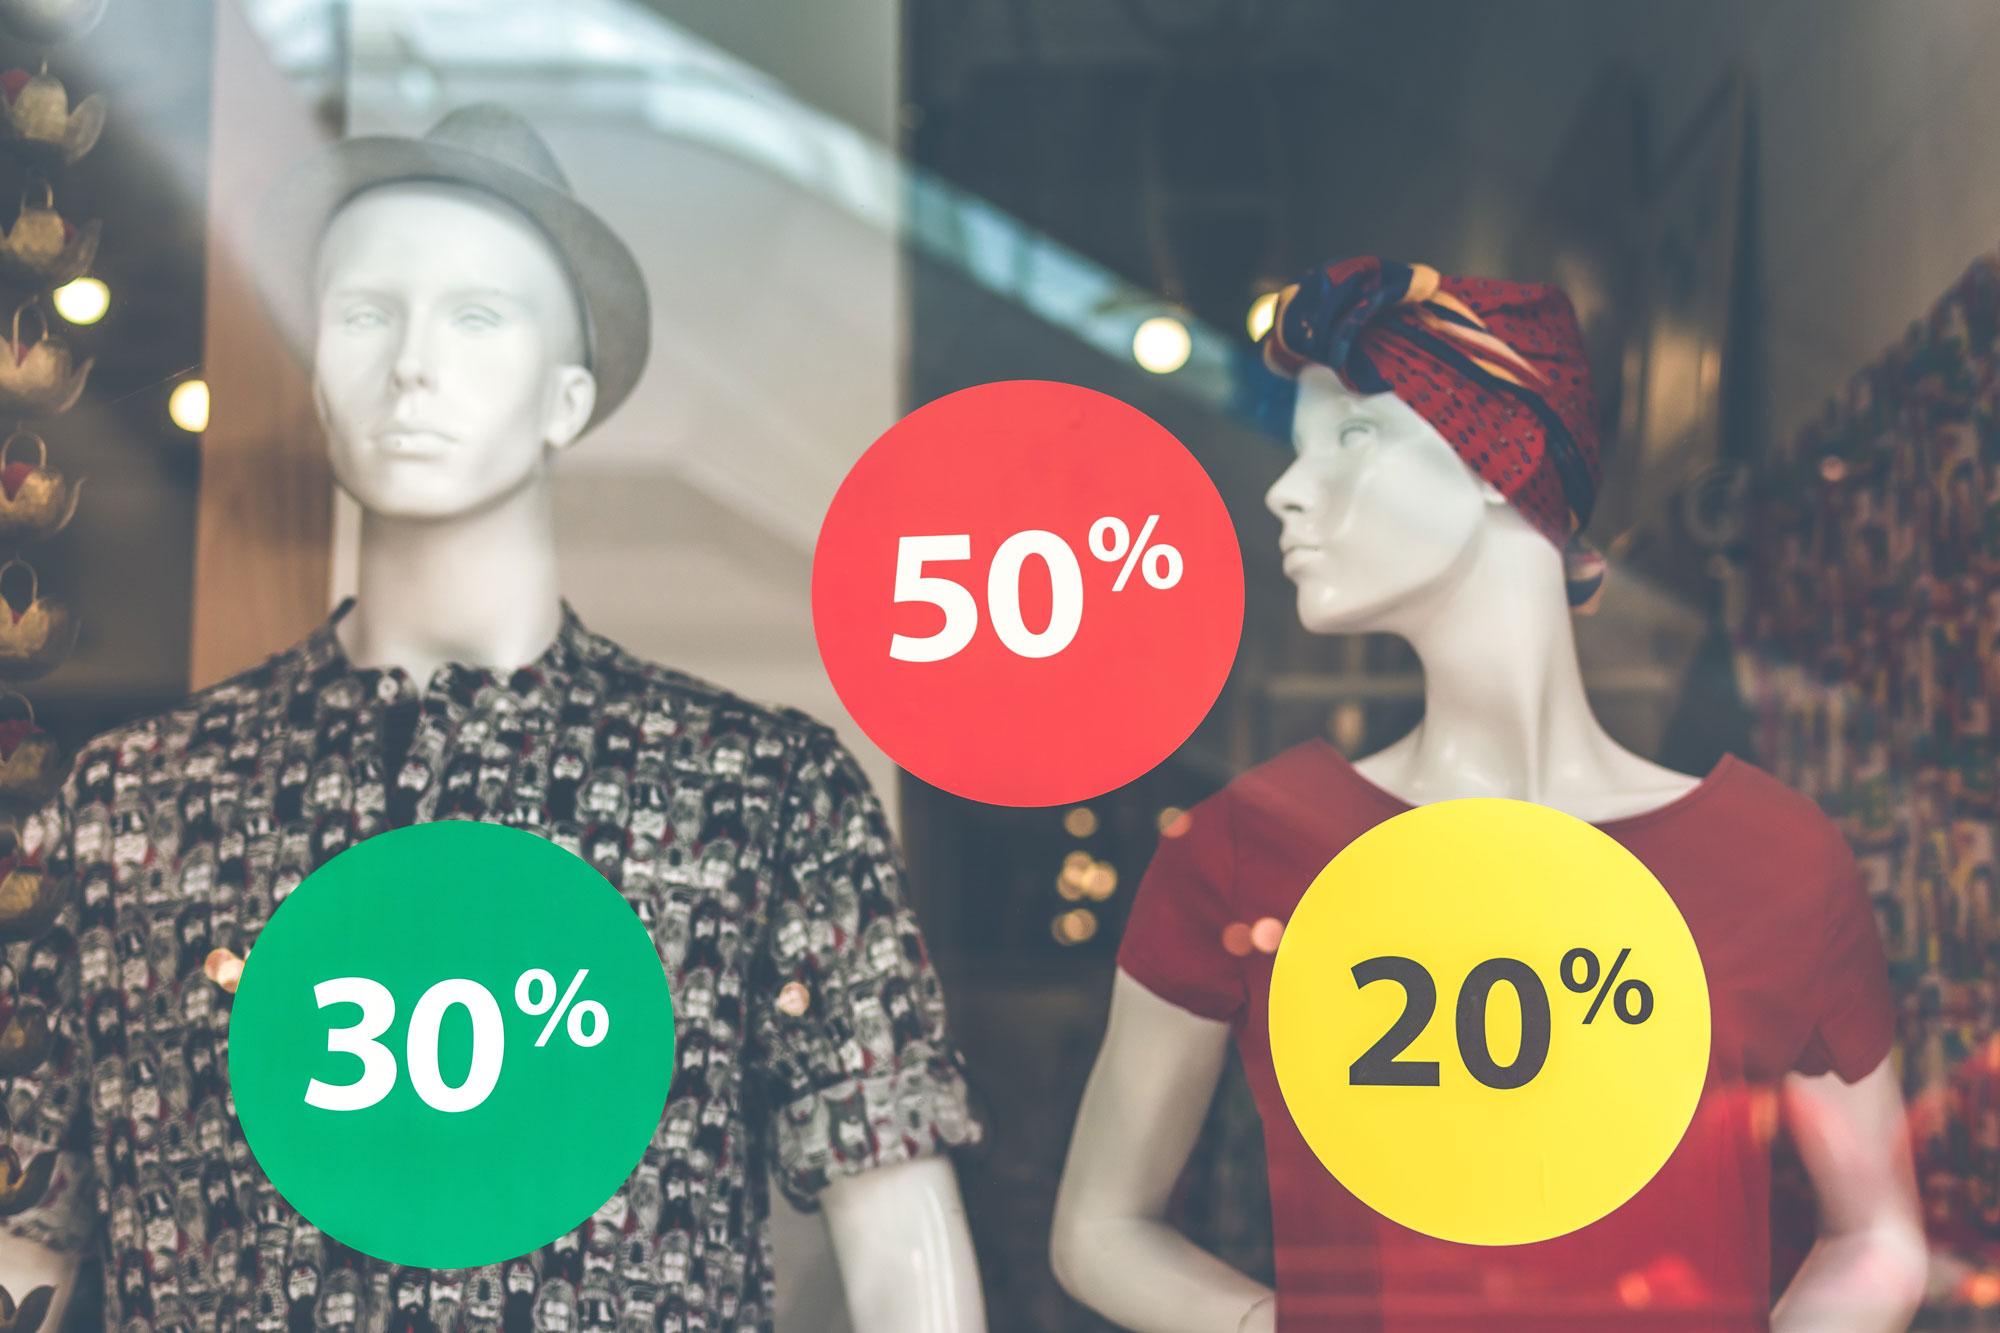 Bild zeigt vergünstigte Angebote/Rabatte auf Schaufenster